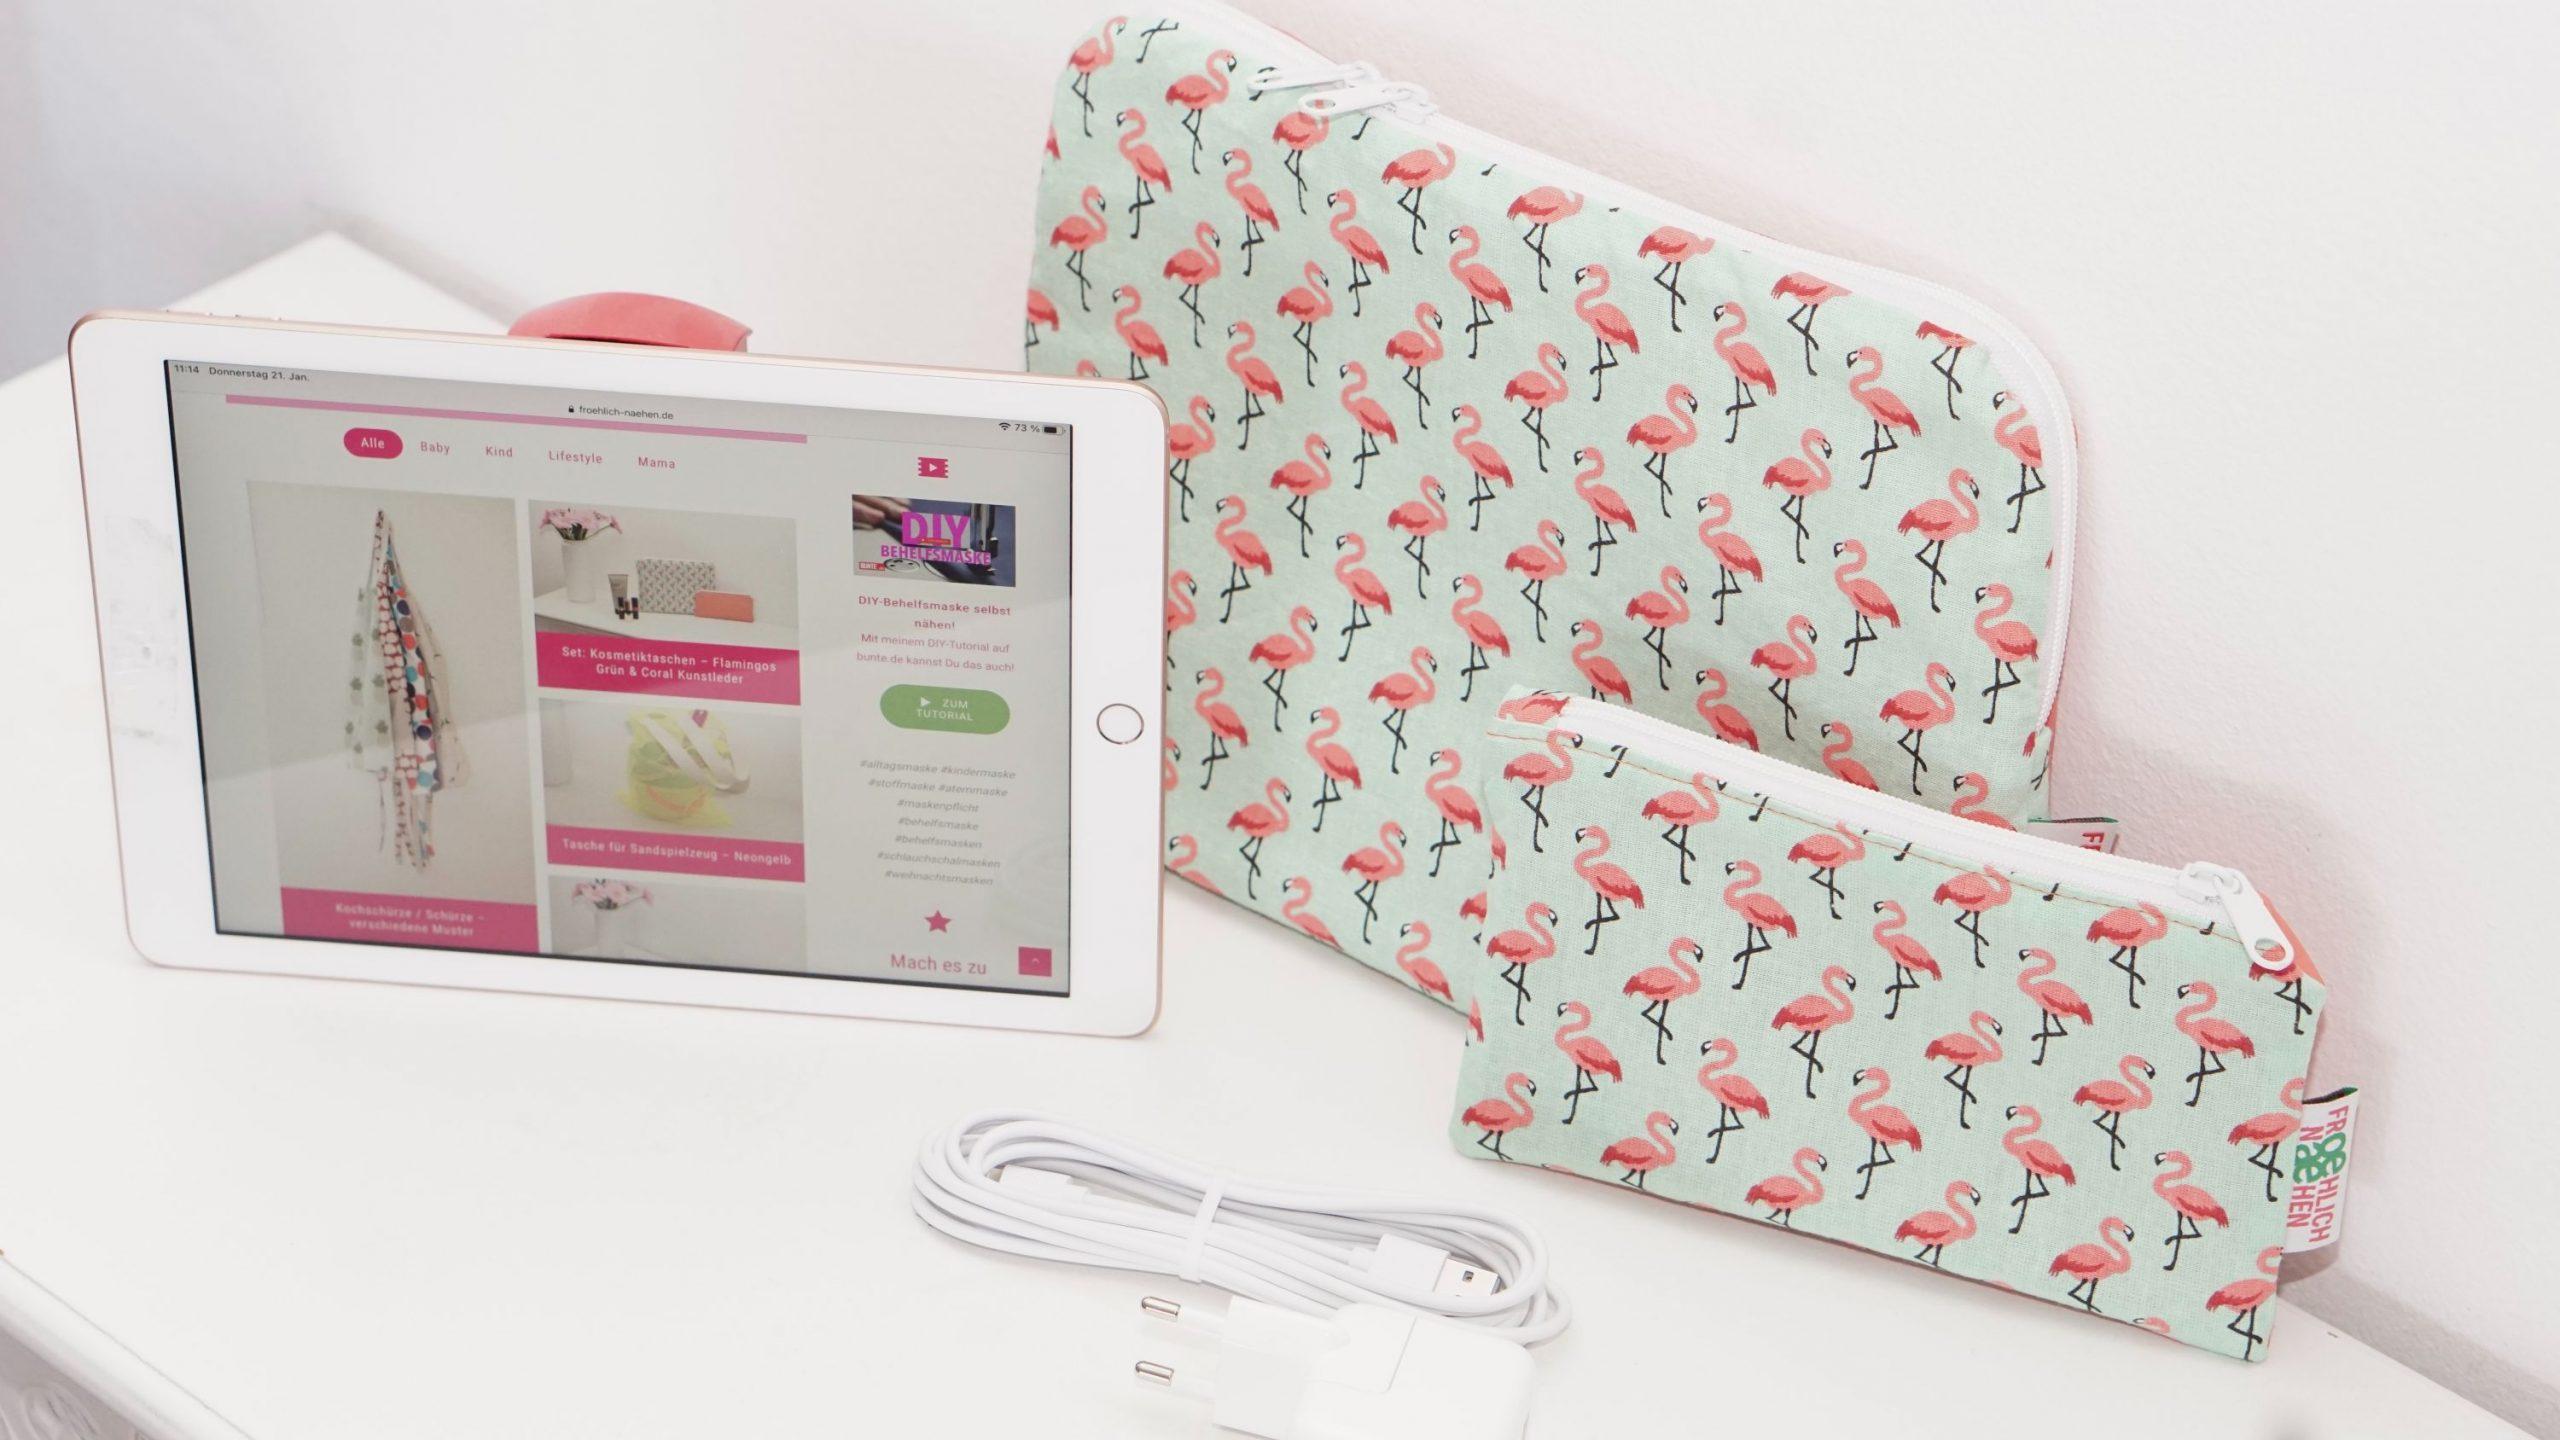 Laptophülle MacBook Case Hülle Notbookhülle Flamingo orange grün Kunstleder coral Koralle